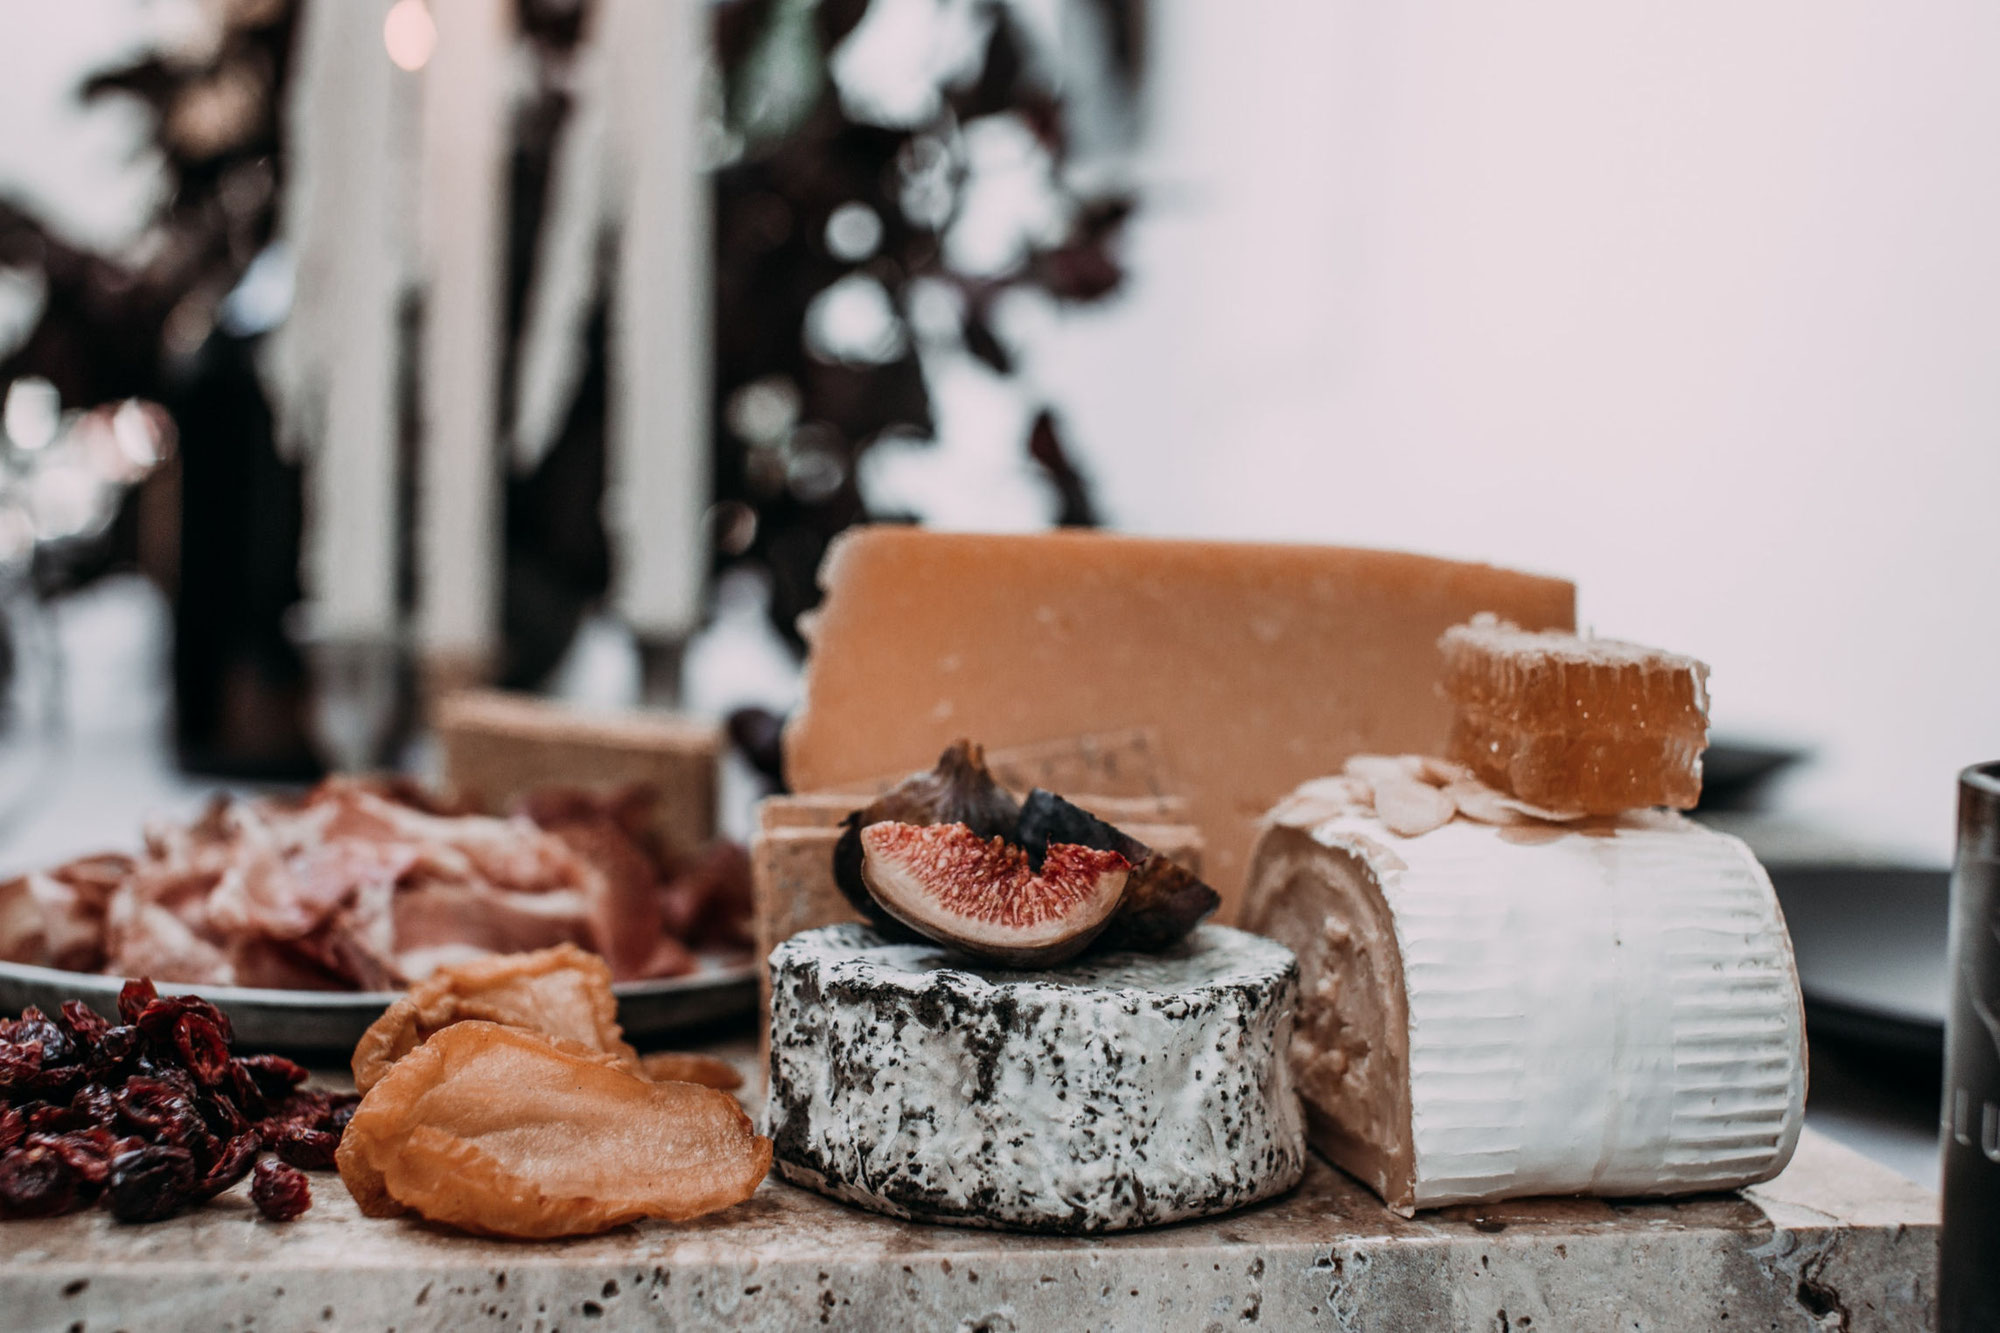 Französische Delikatessen: Frankreich in Deutschland – die besten Adressen für französische Delikatessenläden in Deutschland